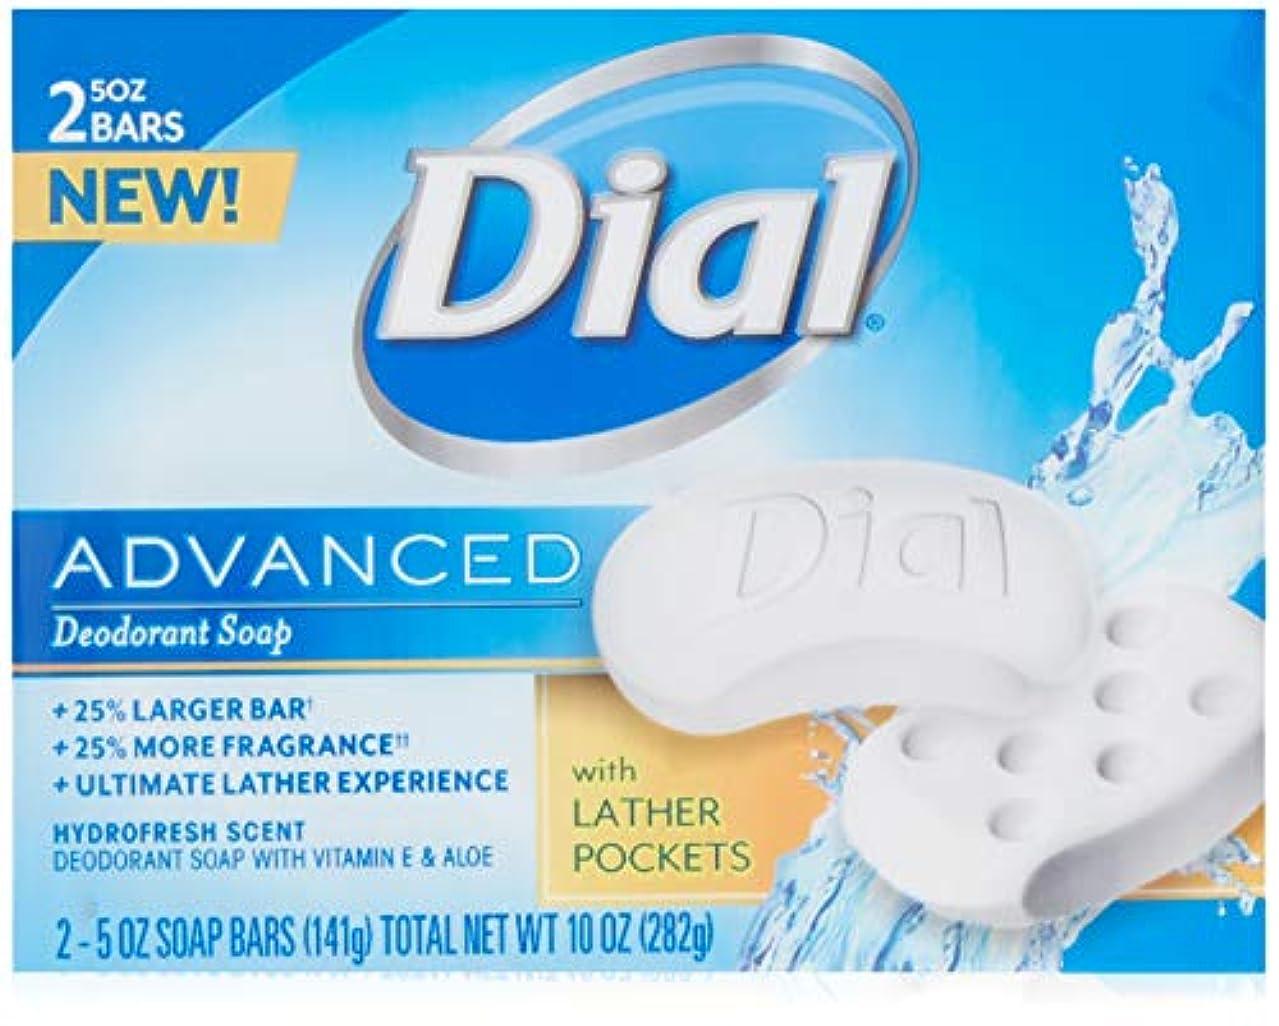 金銭的なぜなら入手しますDial 高度なデオドラントソープバーHydrofresh香り、10オズ